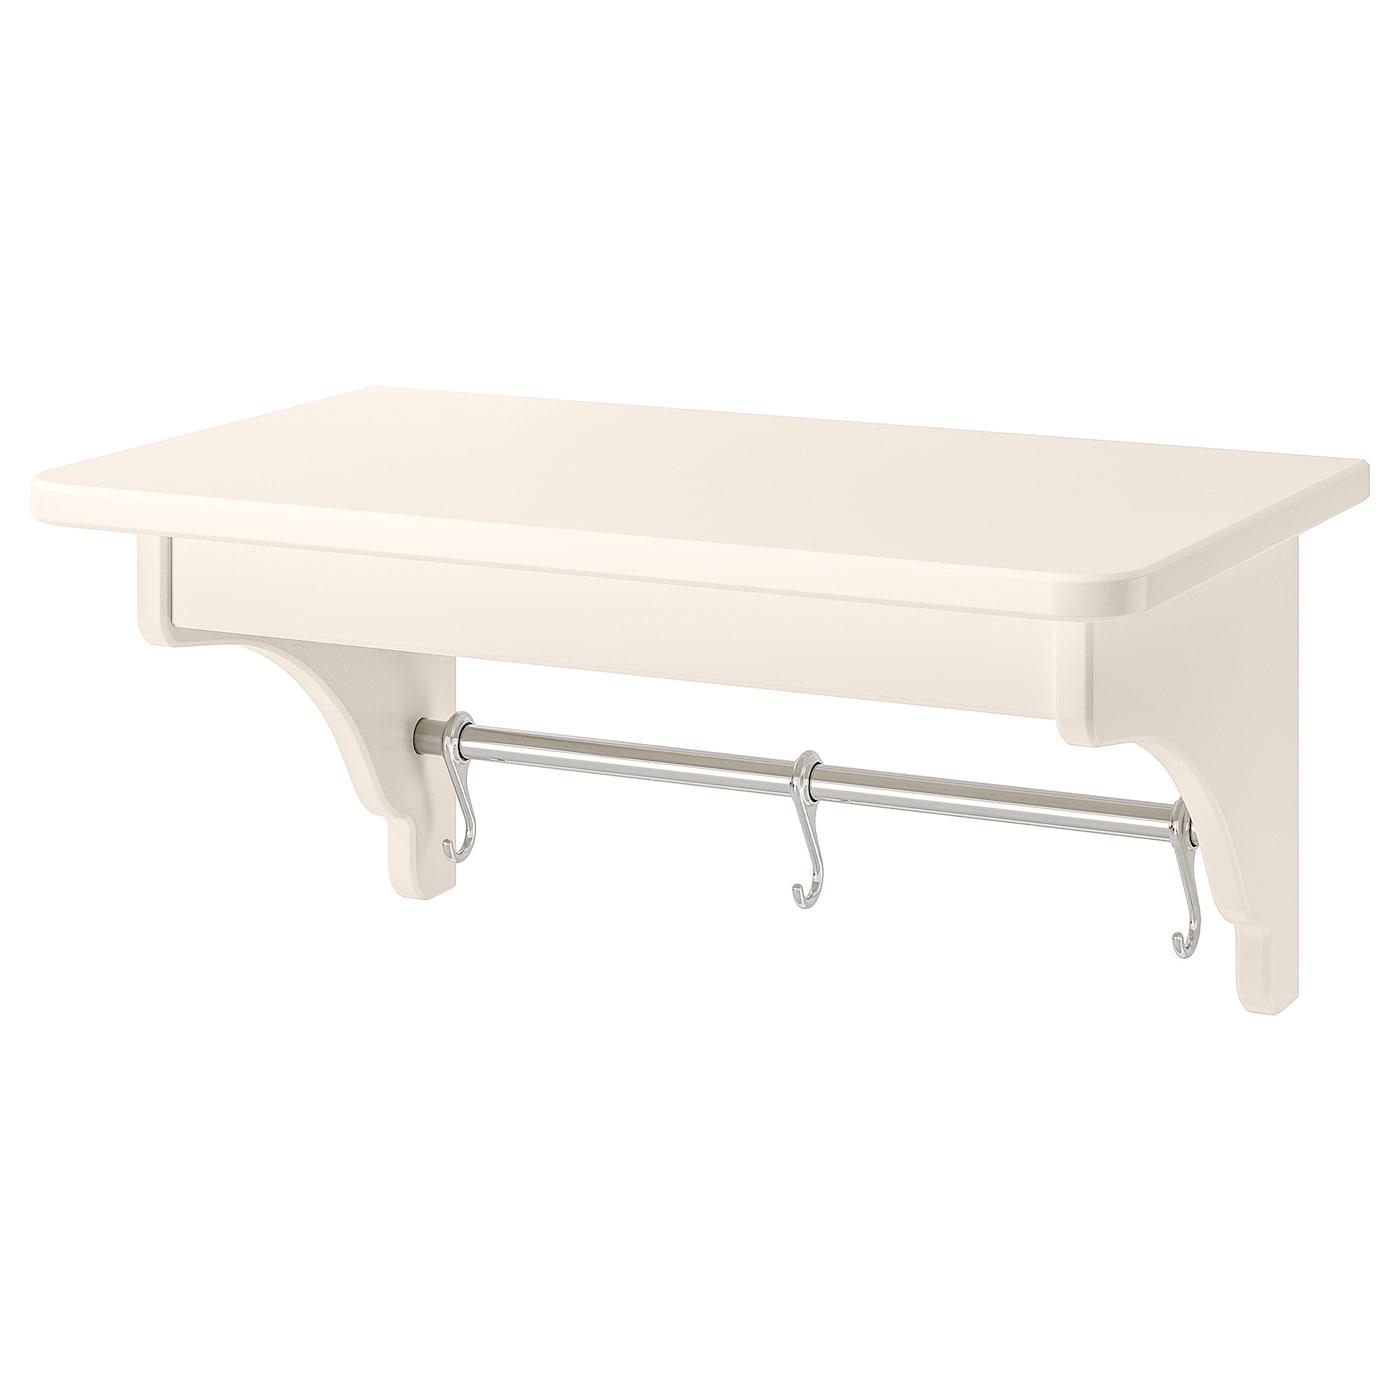 Full Size of Modulküche Ikea Sofa Mit Schlaffunktion Hängeregal Küche Miniküche Betten 160x200 Kosten Bei Kaufen Wohnzimmer Ikea Hängeregal